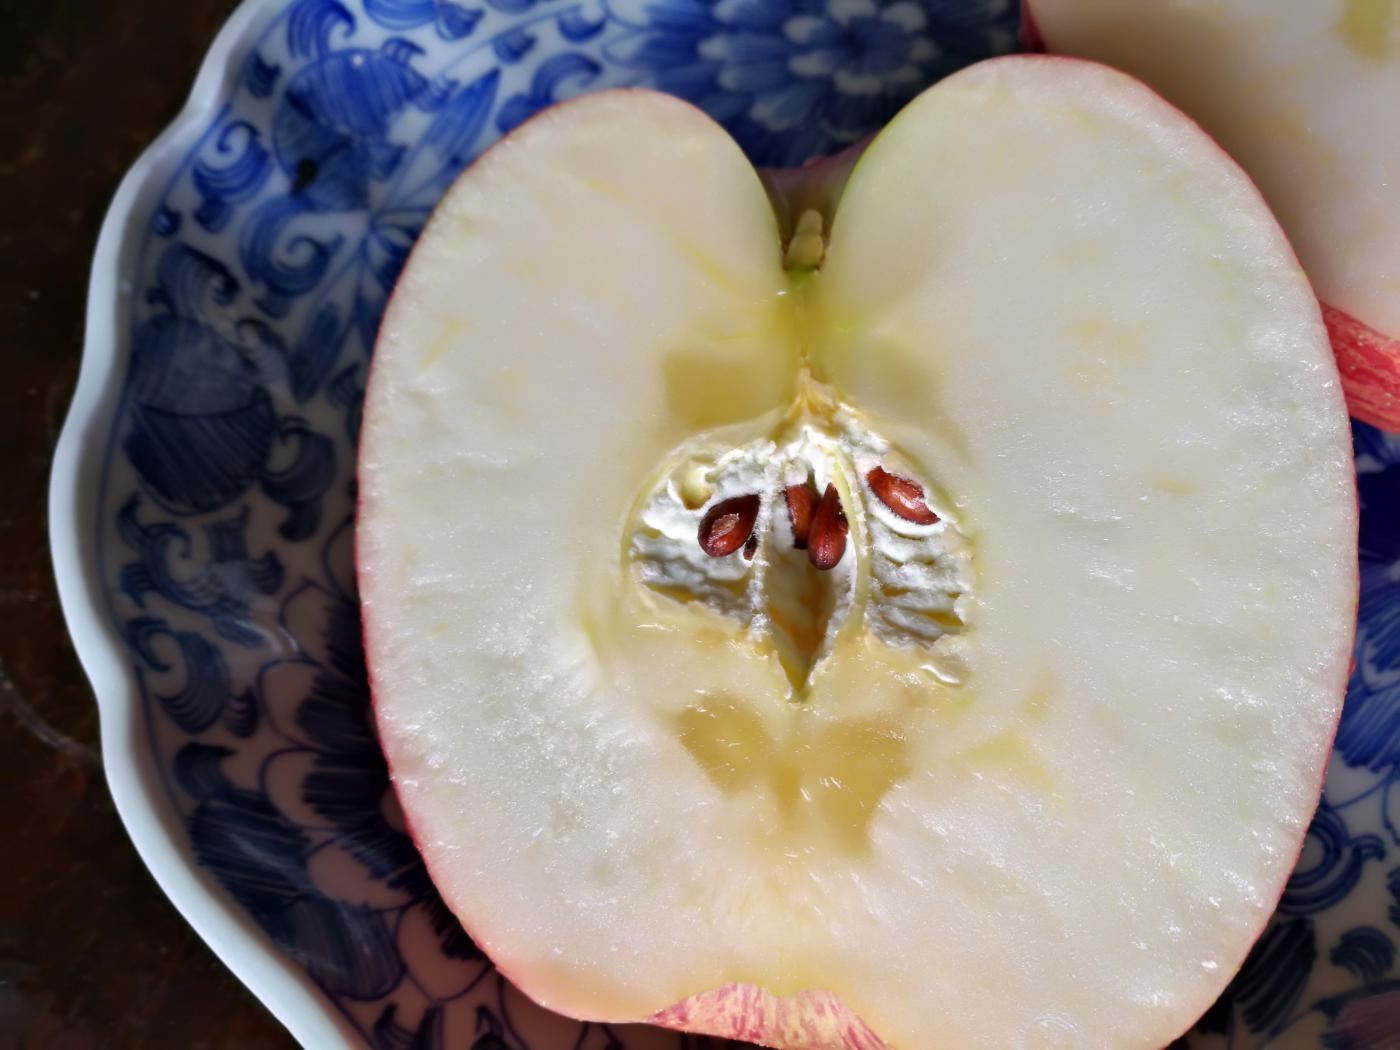 コープ自然派青森県産 津軽産直組合のりんご半分に切った状態